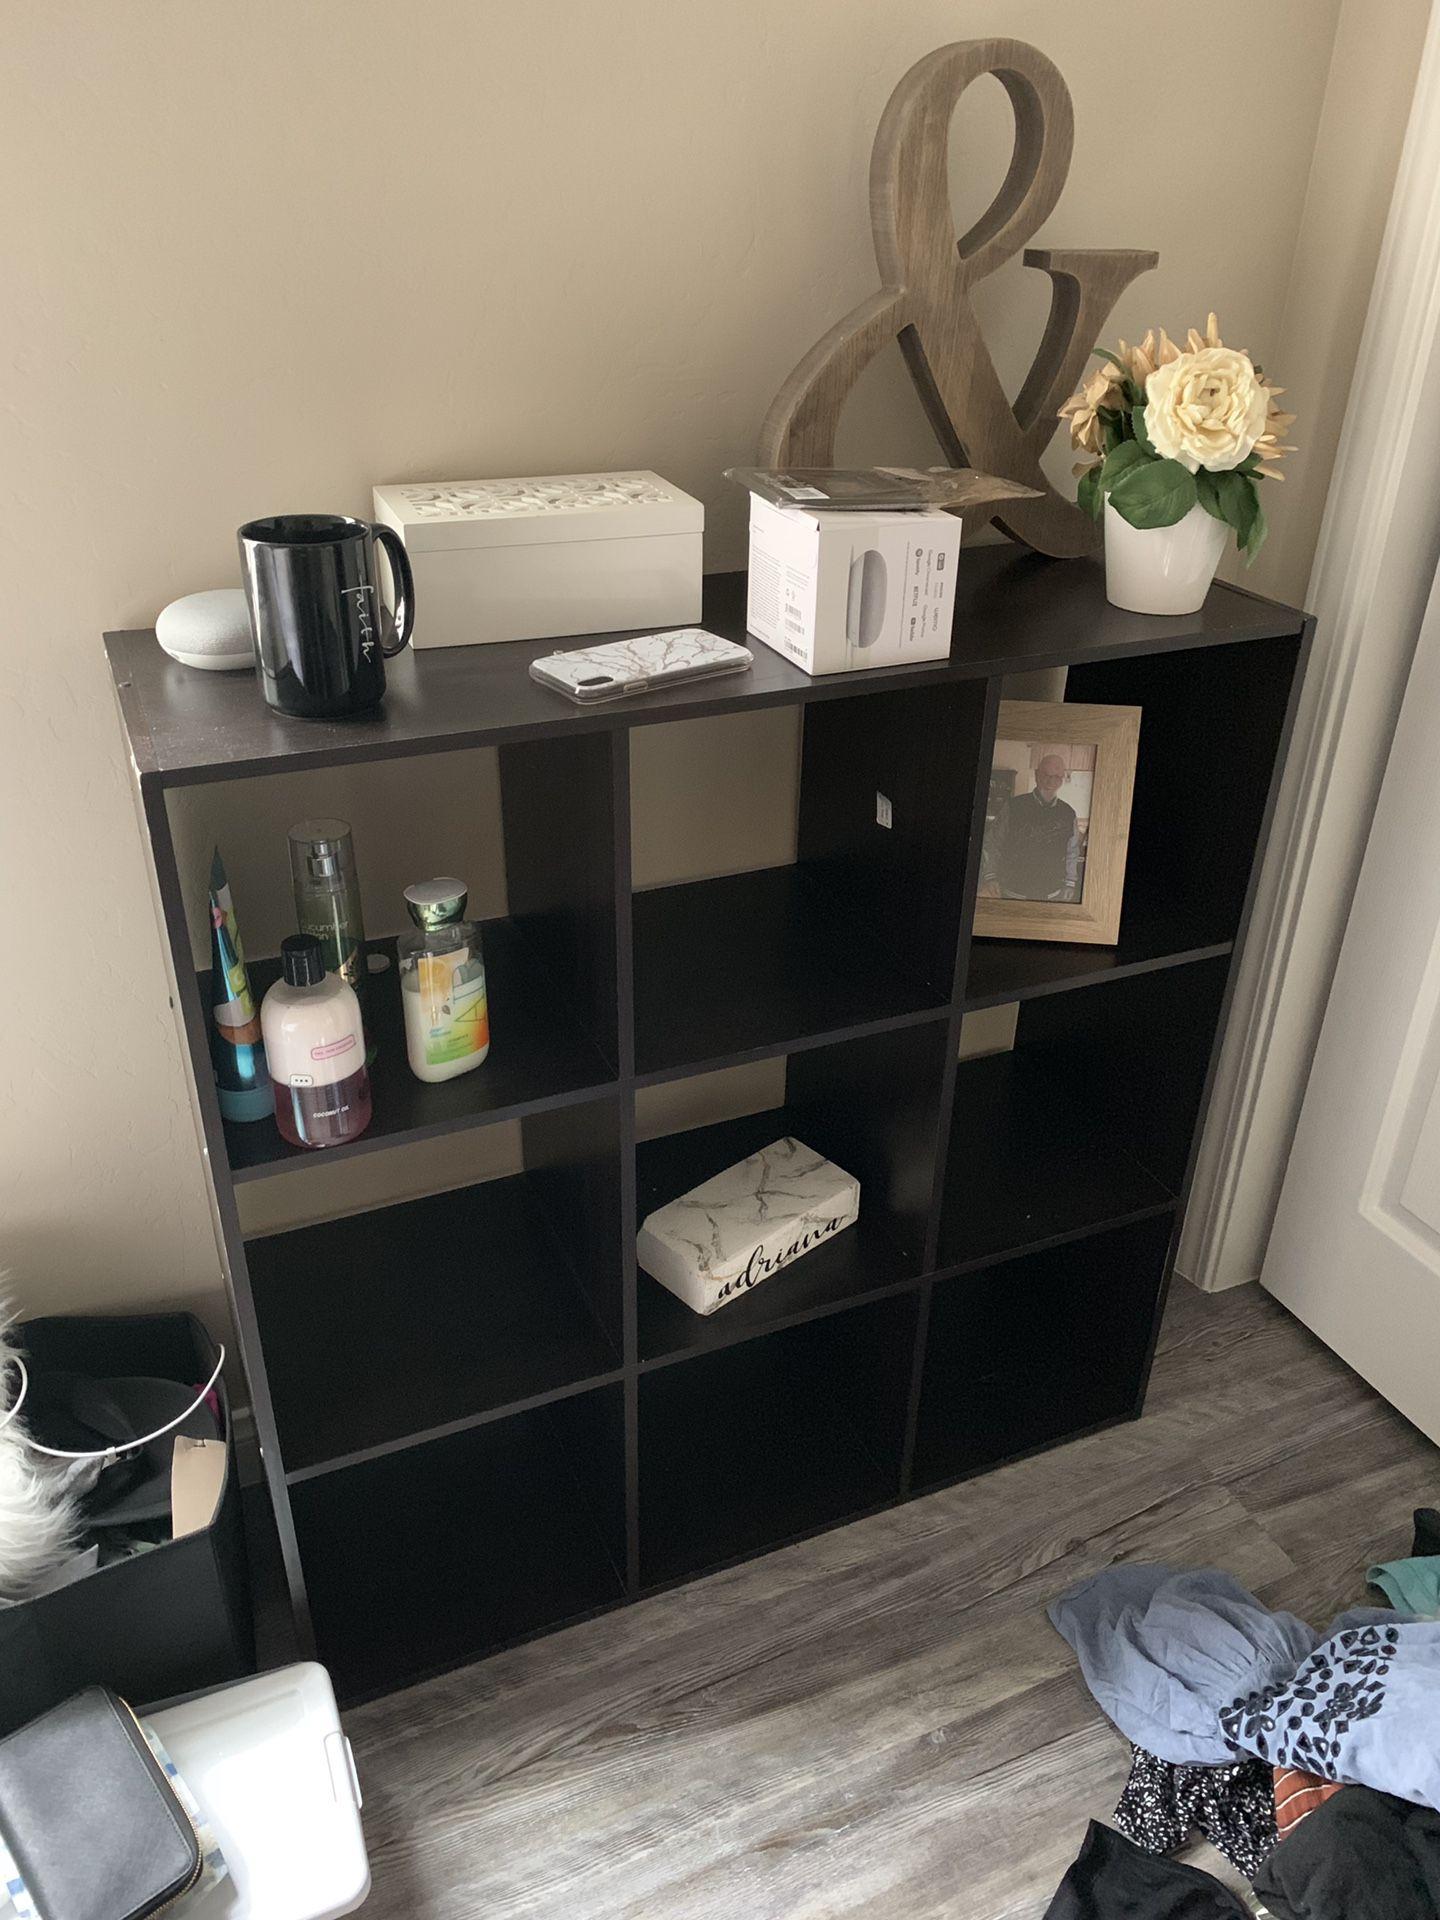 Storage shelfs